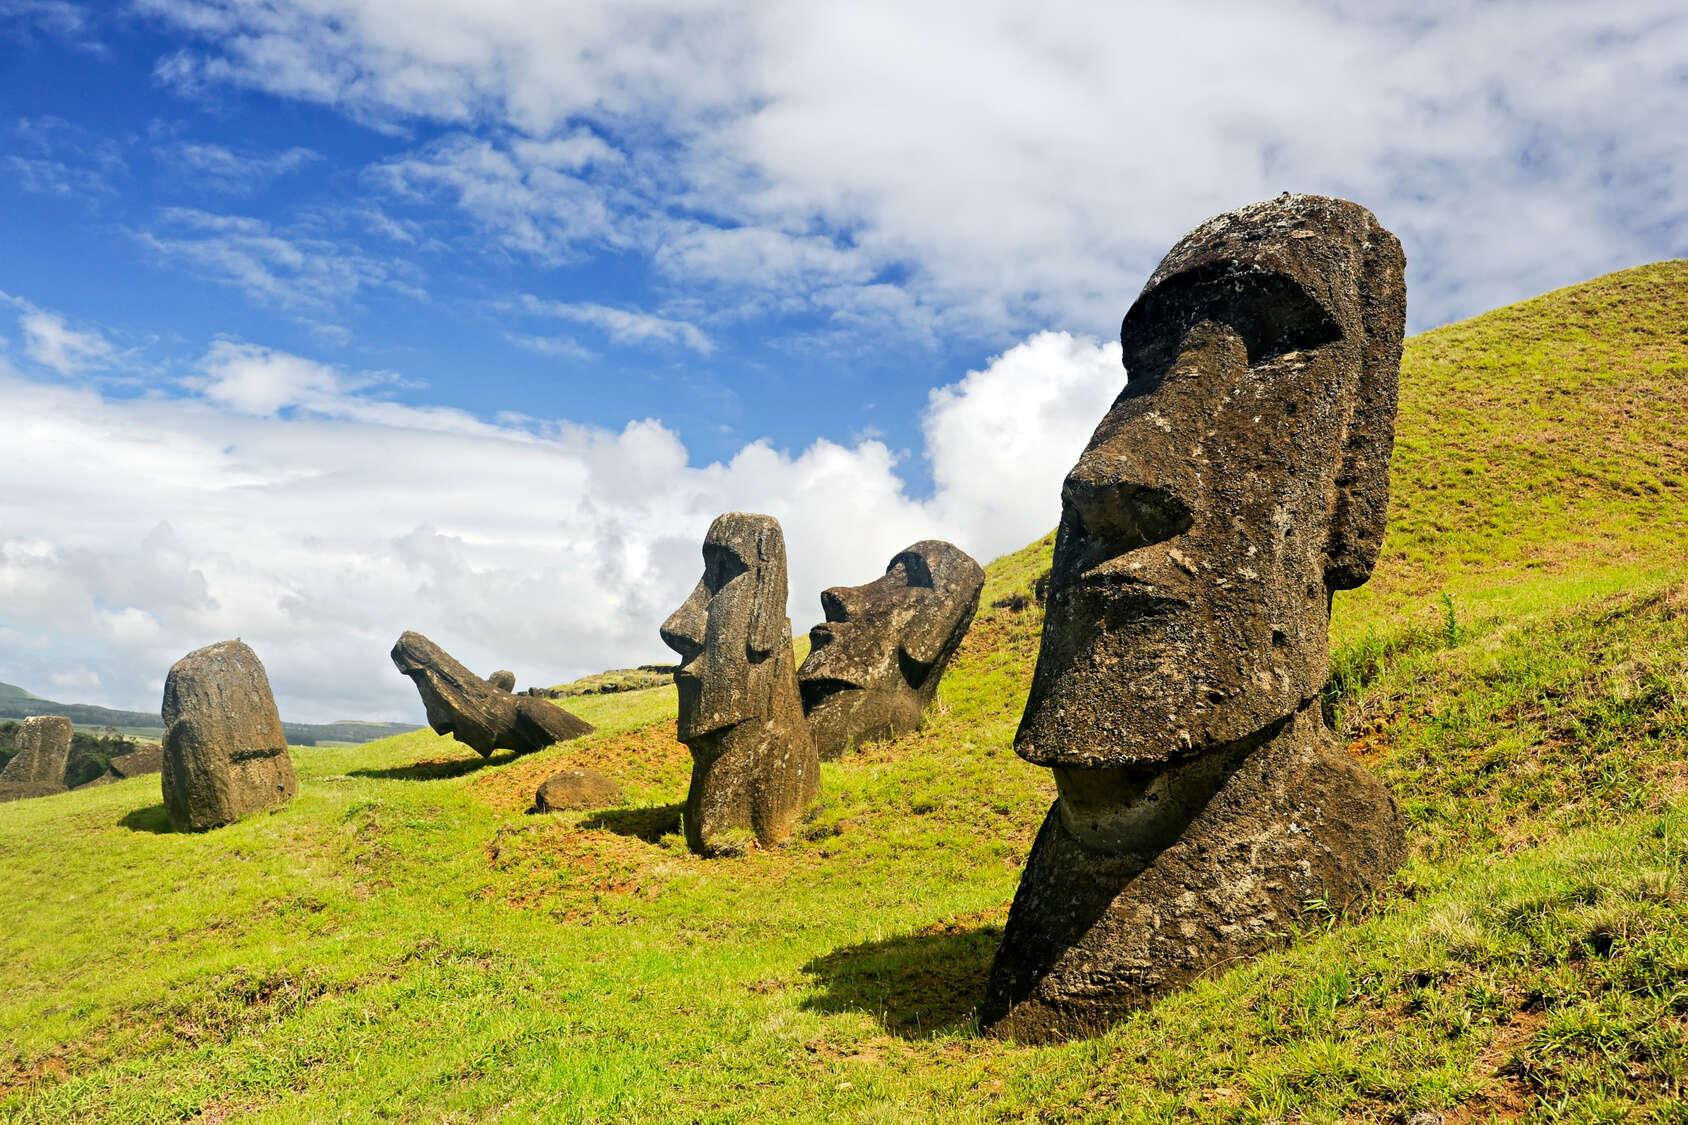 Easter Island: A Bucket List Destination